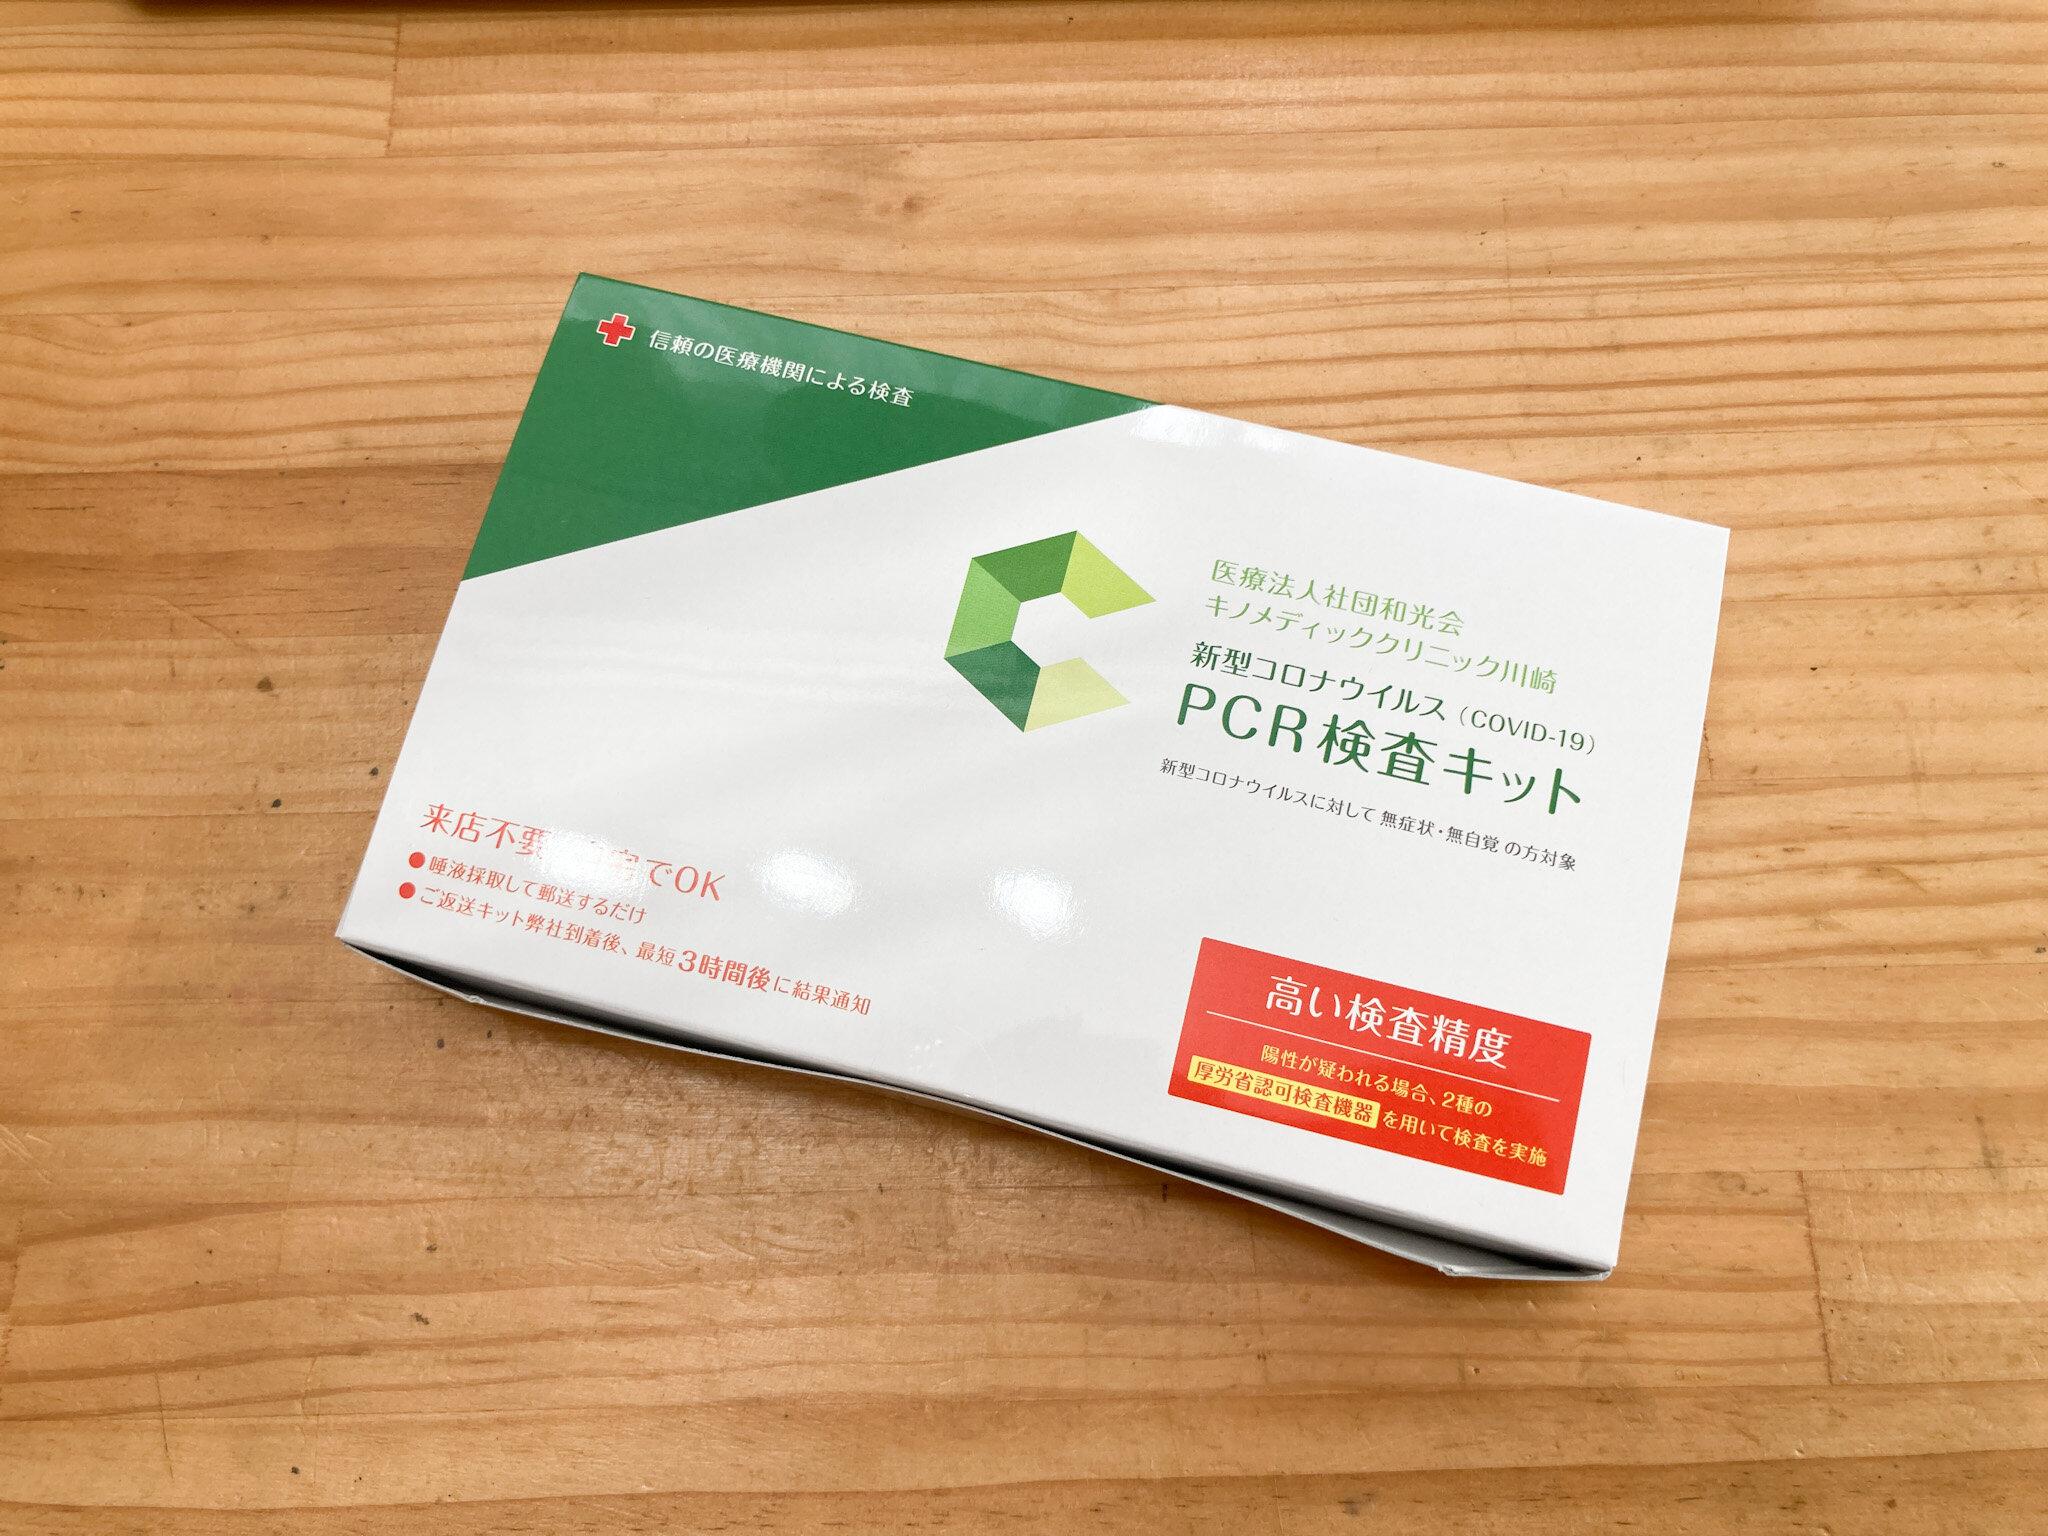 木下グループ新型コロナPCR検査キット